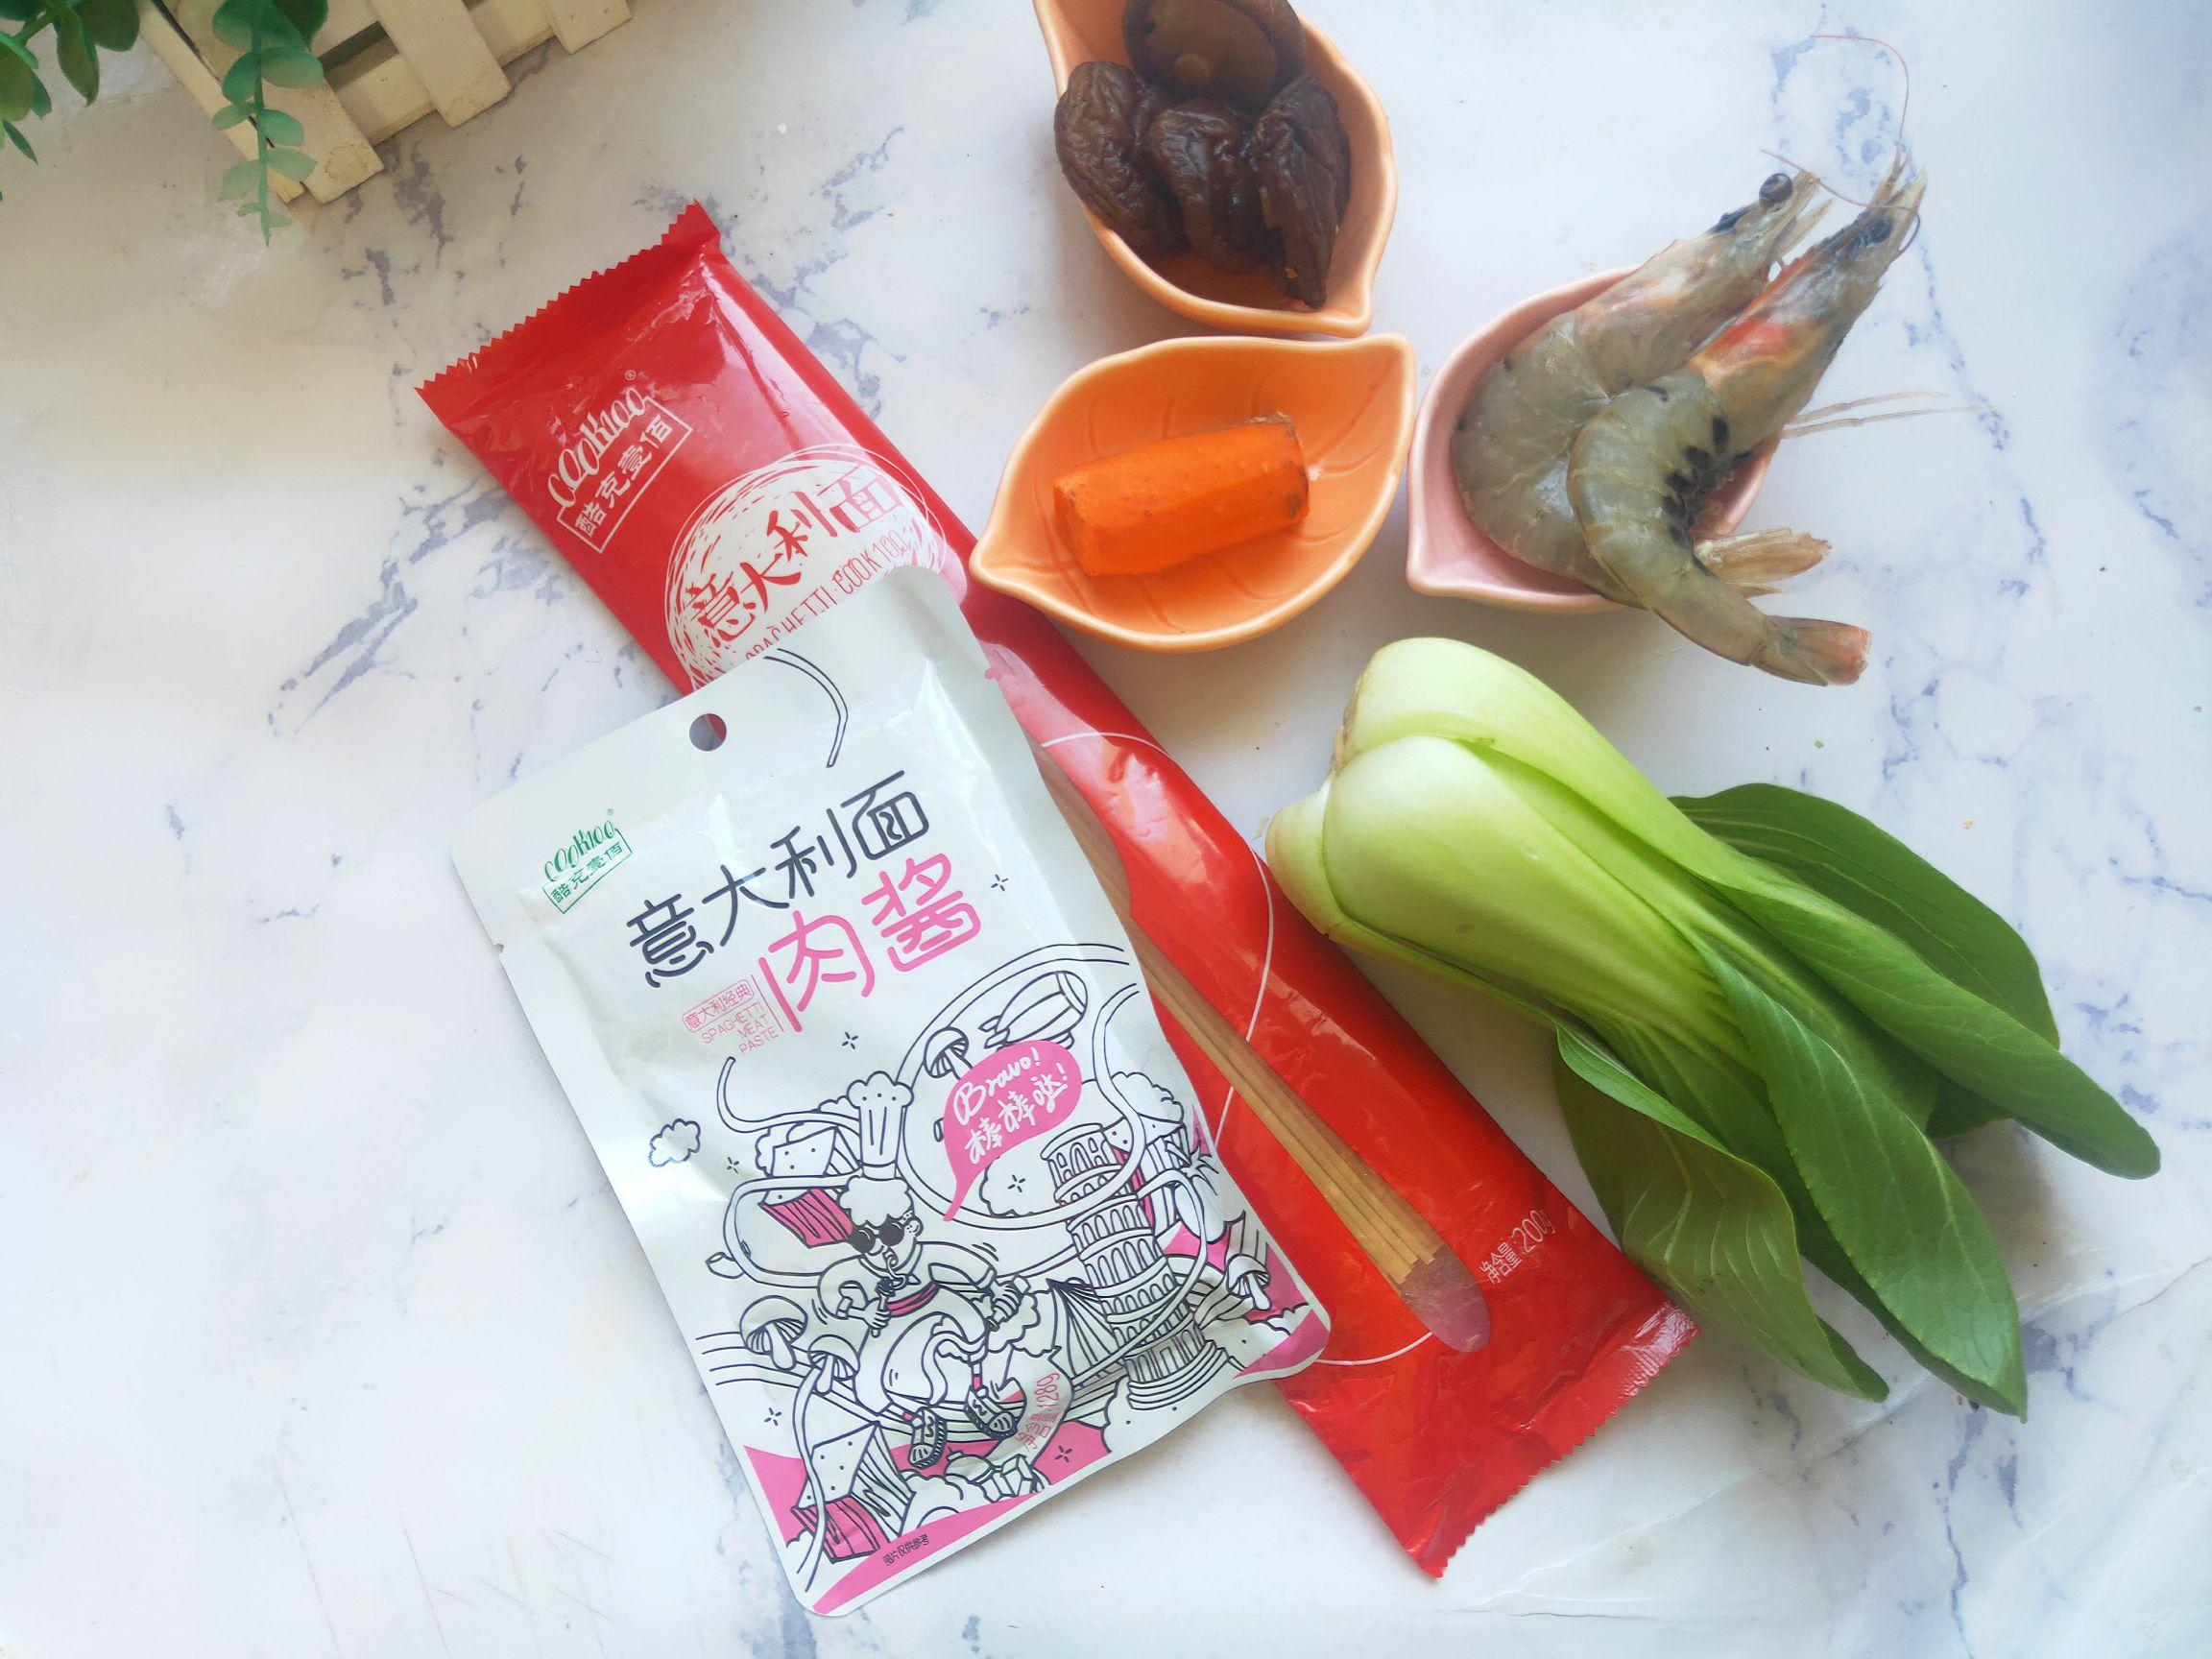 意大利肉酱鲜虾面的家常做法